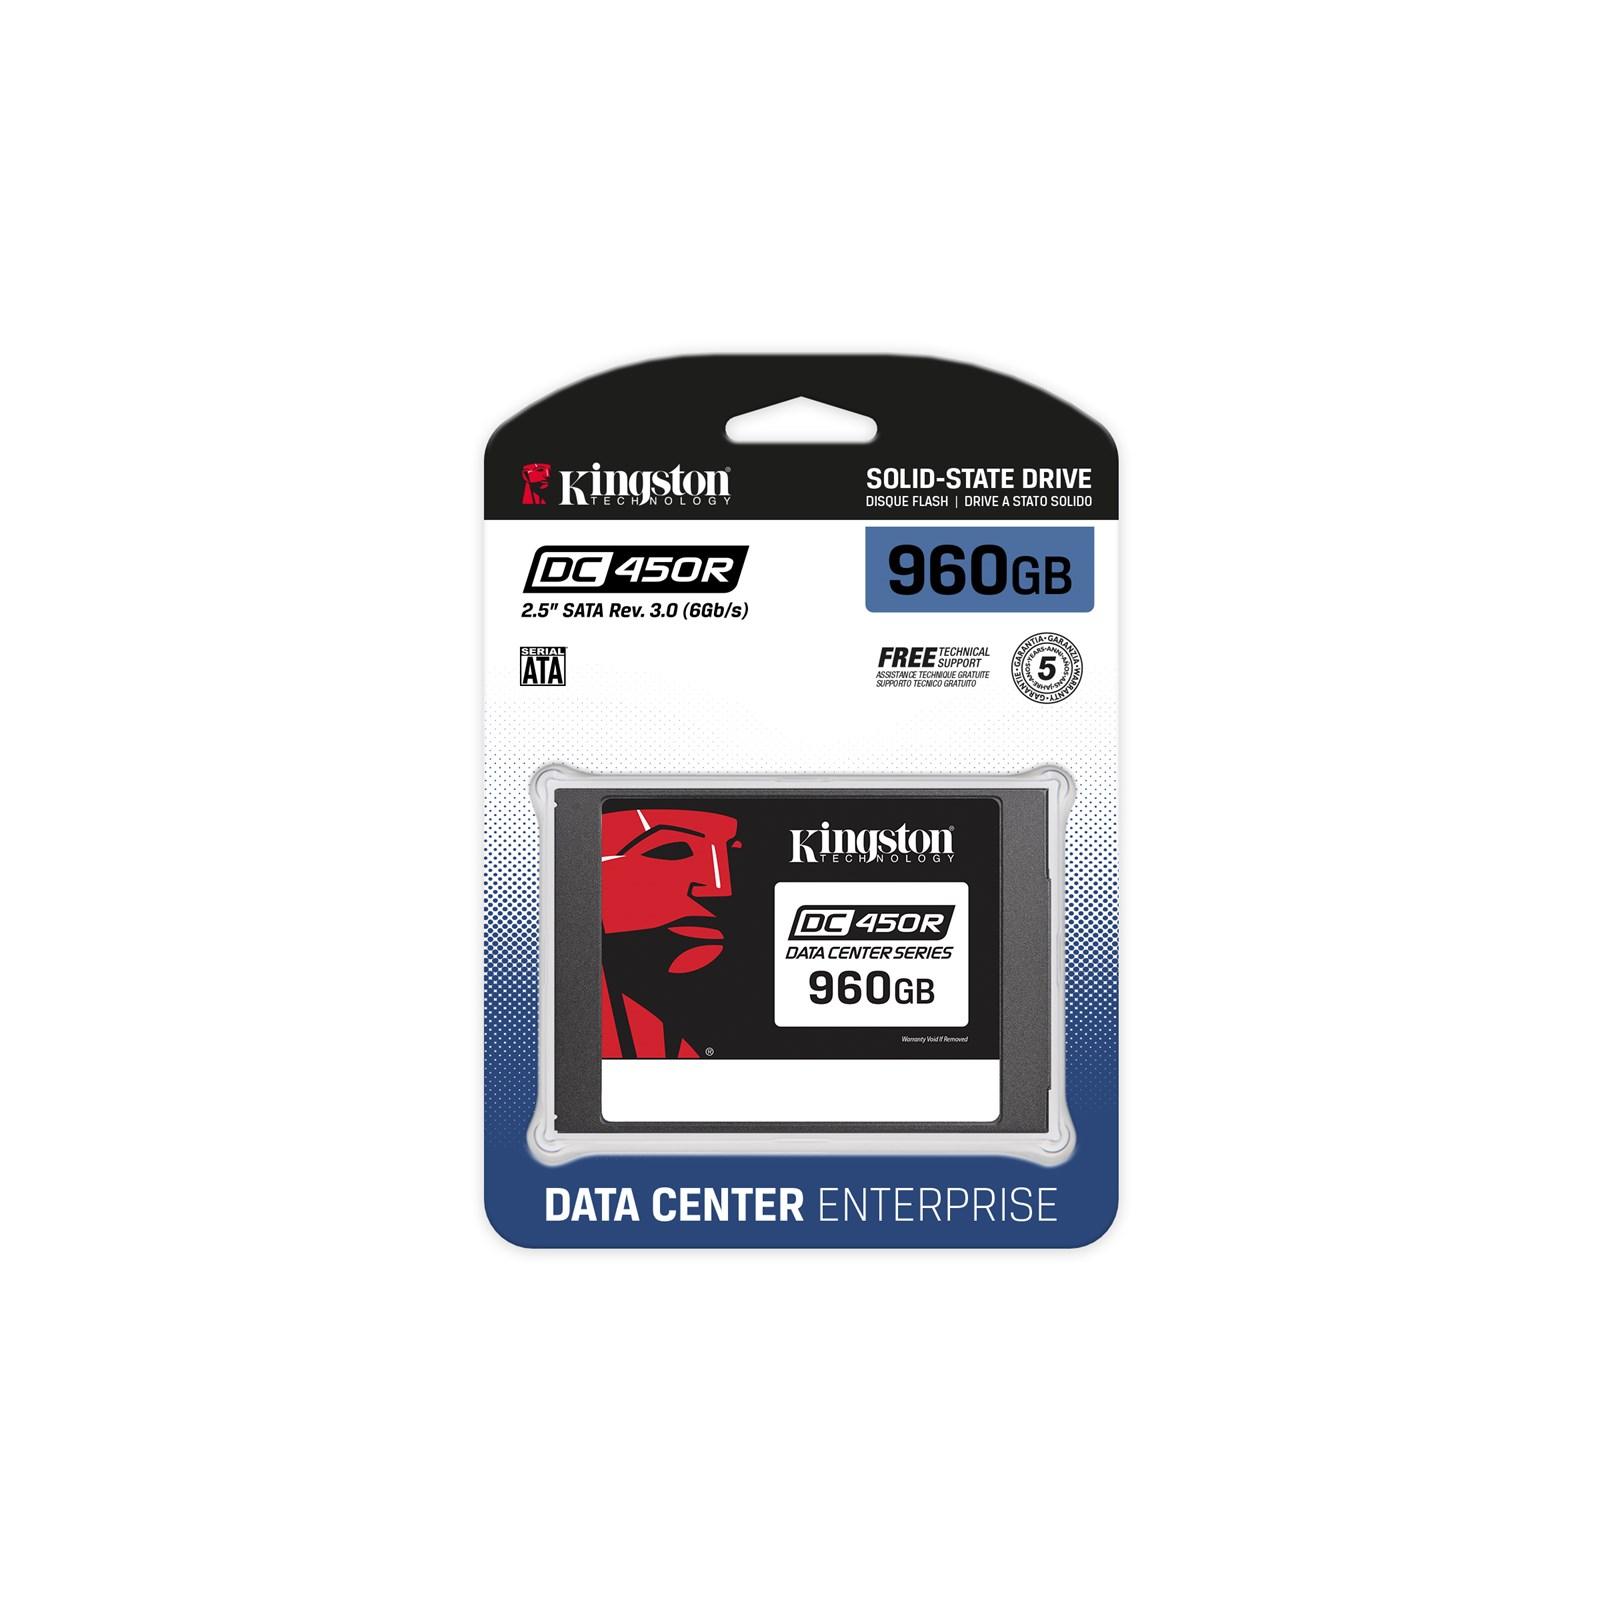 """Kingston DC450R Enterprise 960 GB SSD schwarz SATA 6Gb/s, 2,5"""""""